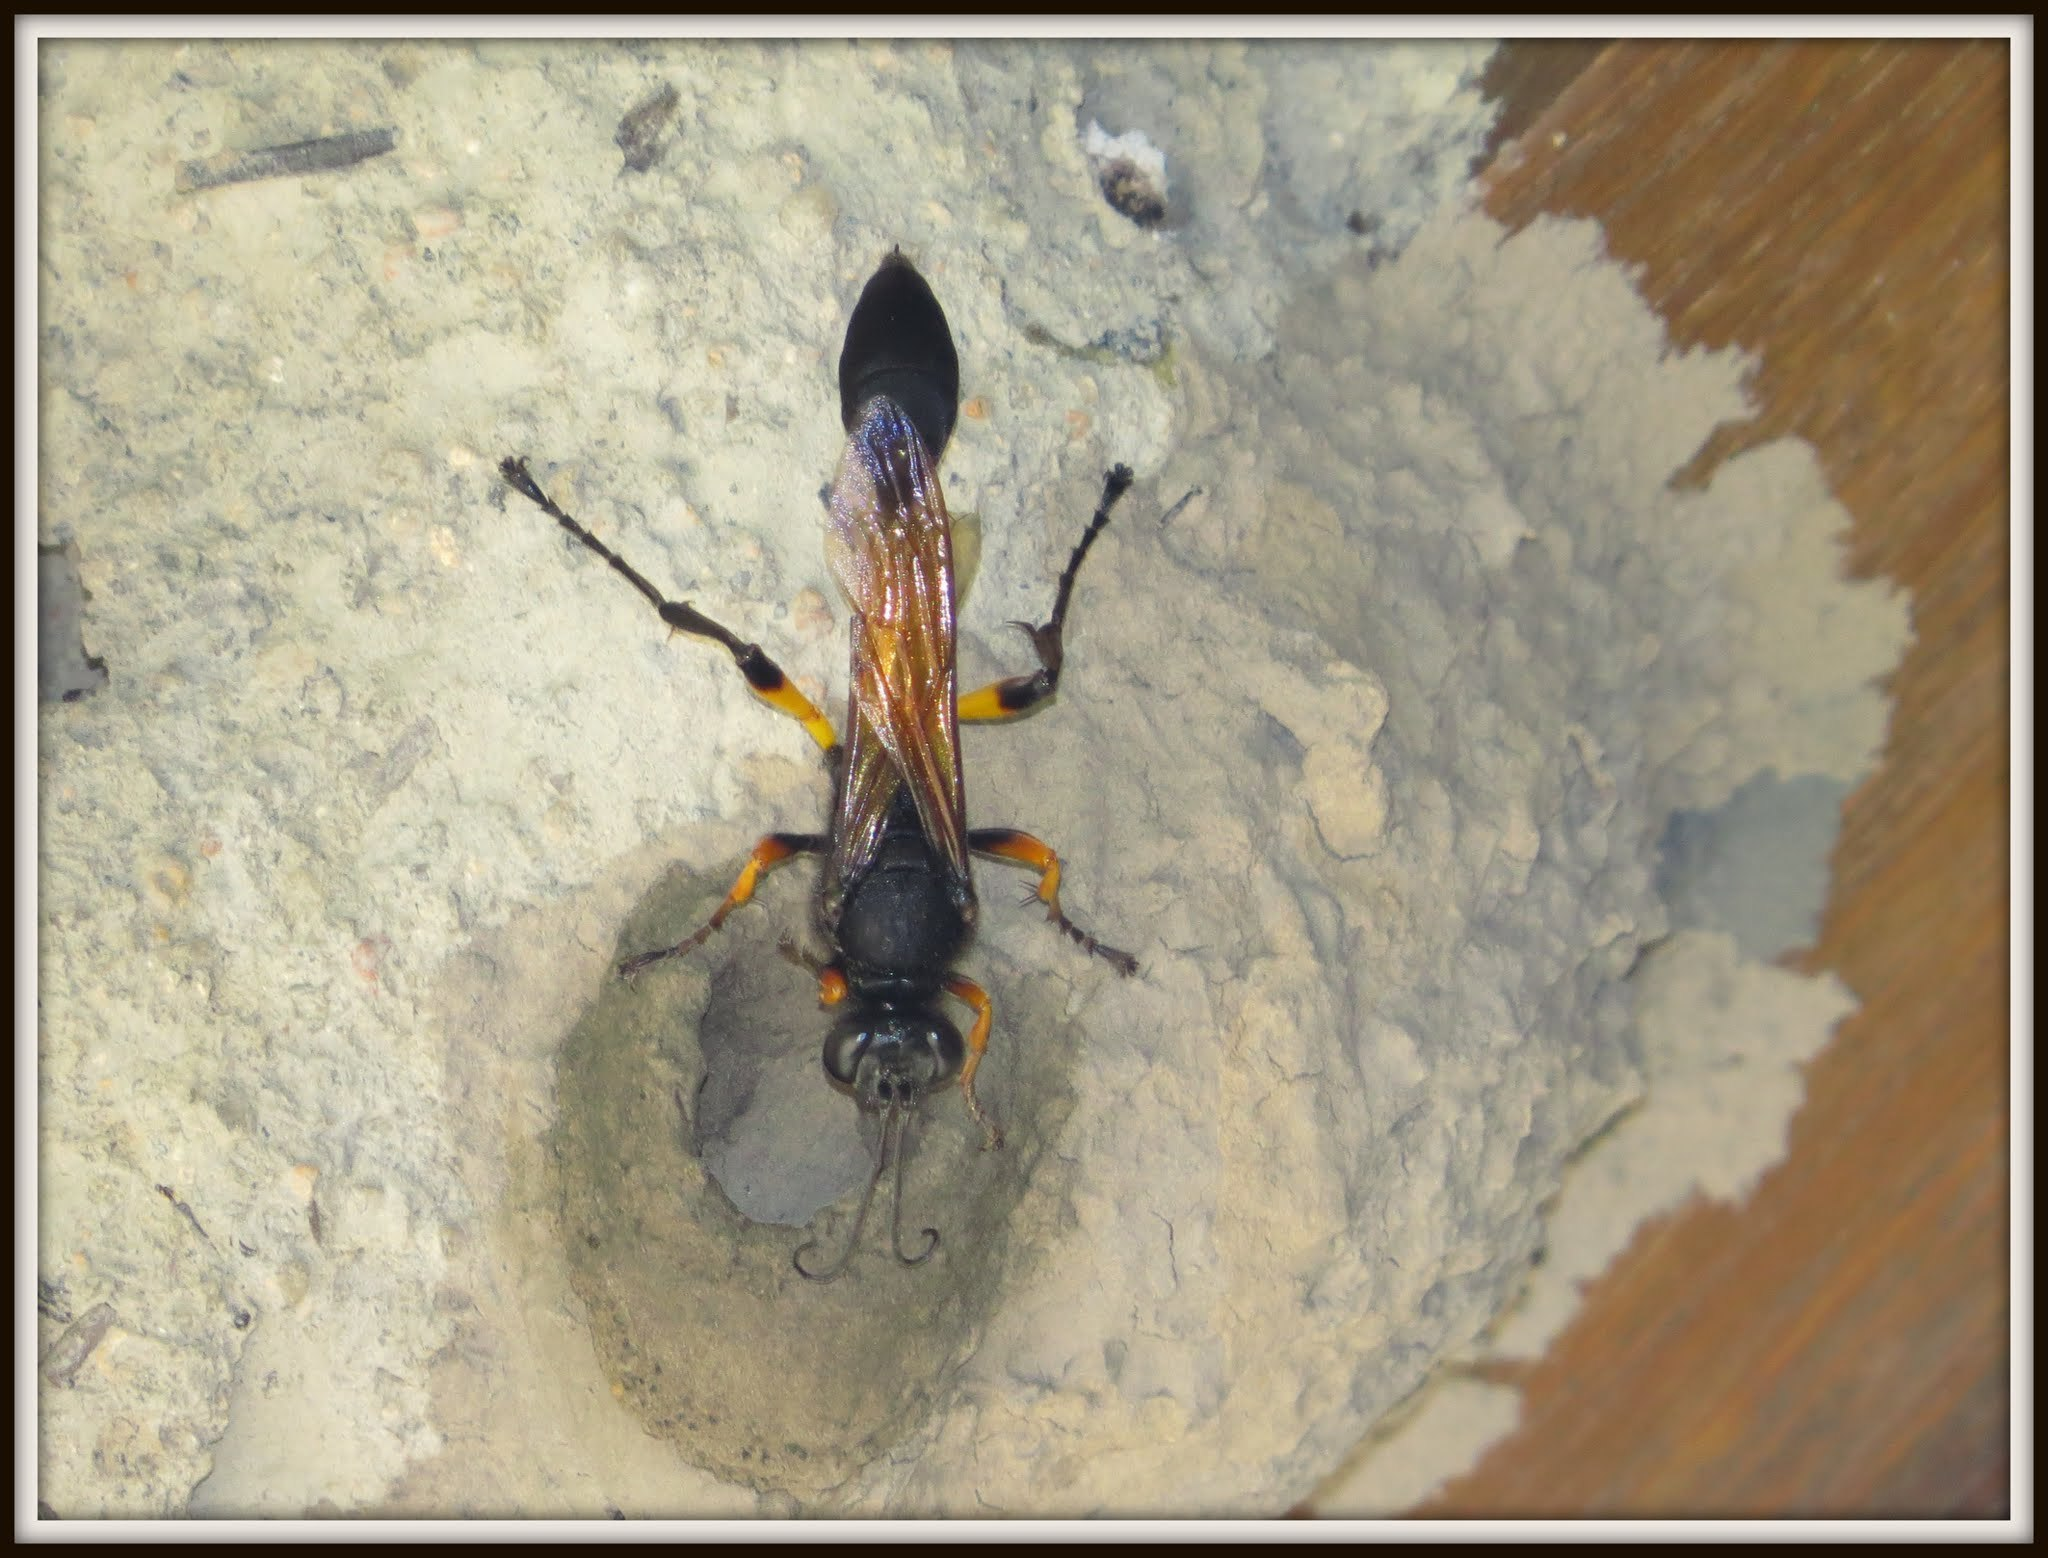 Bộ sưu tập côn trùng 2 - Page 6 Original